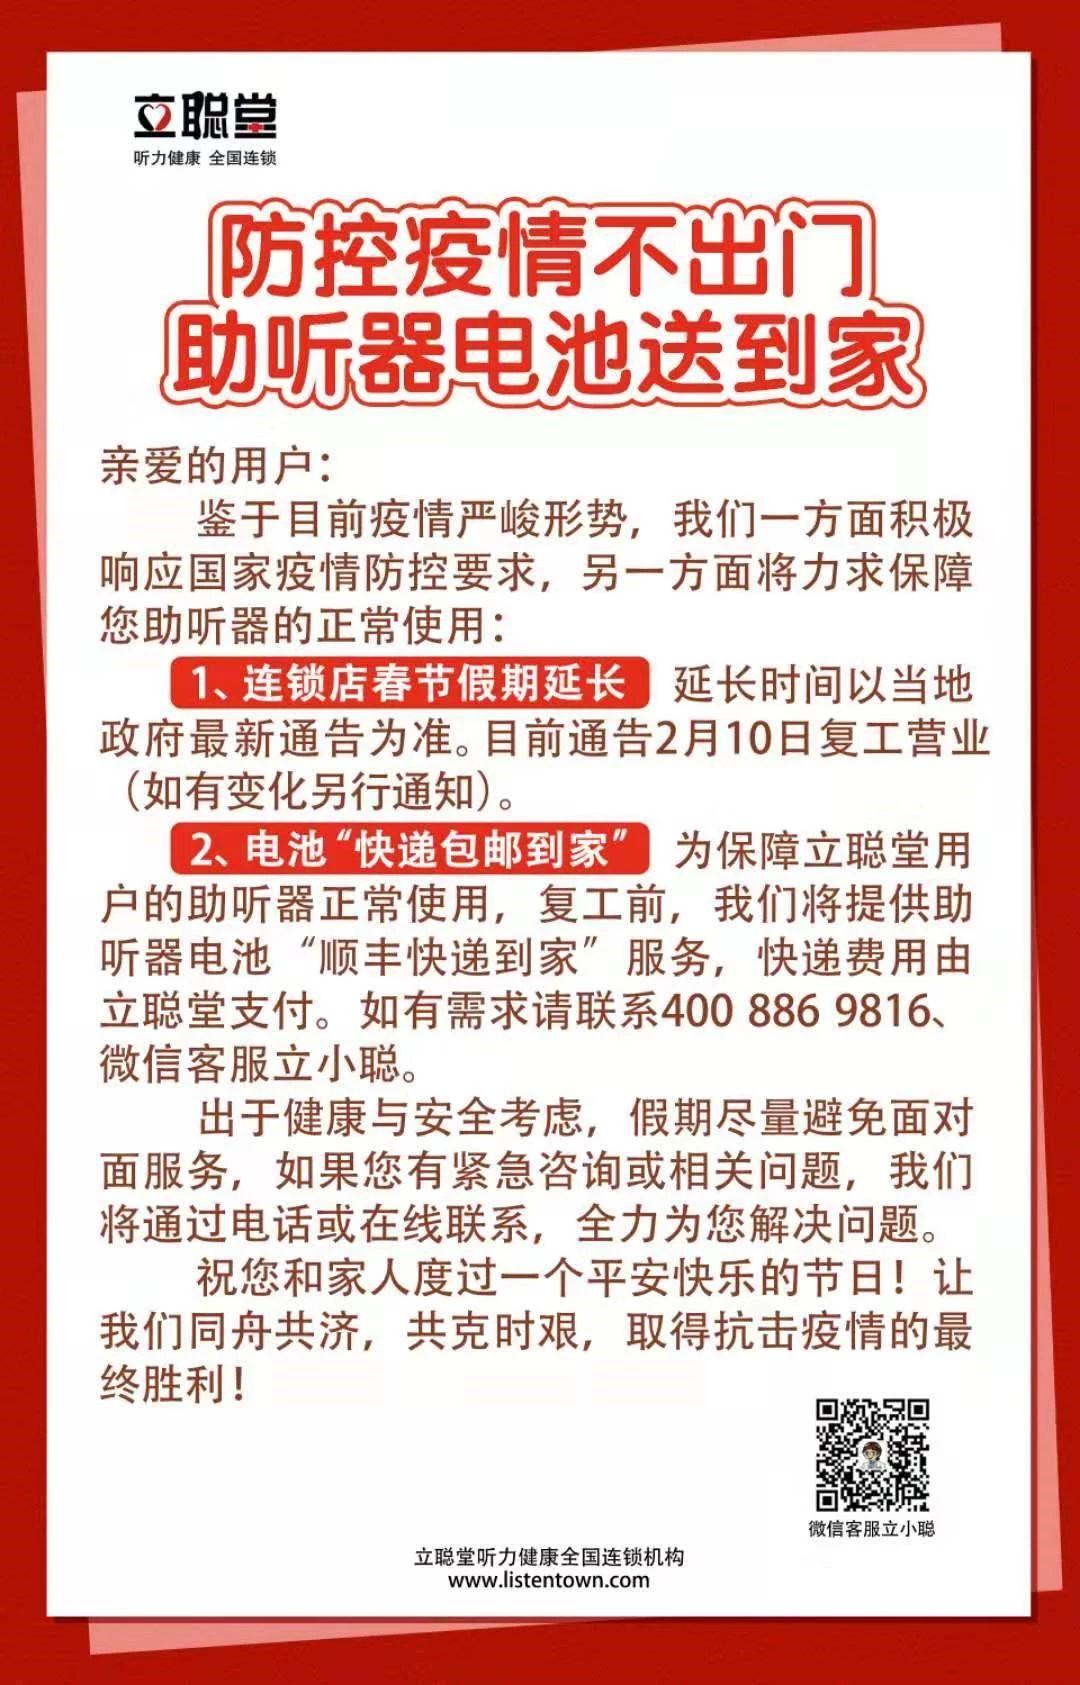 防控疫情不出門 助(zhu)听器(qi)電池送到(dao)家(jia)